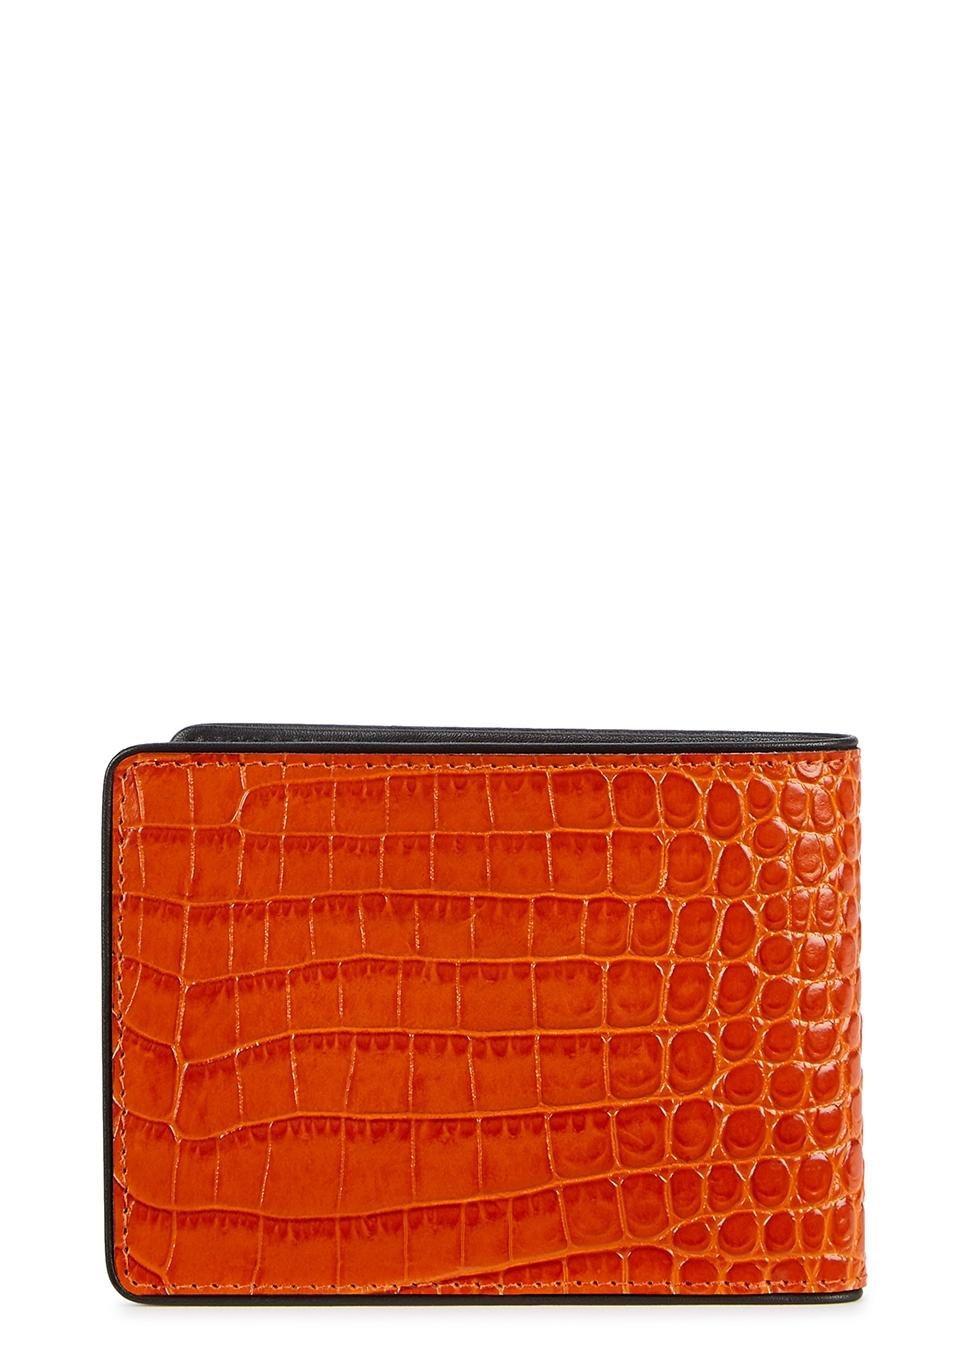 Orange crocodile-effect leather wallet - Dries Van Noten